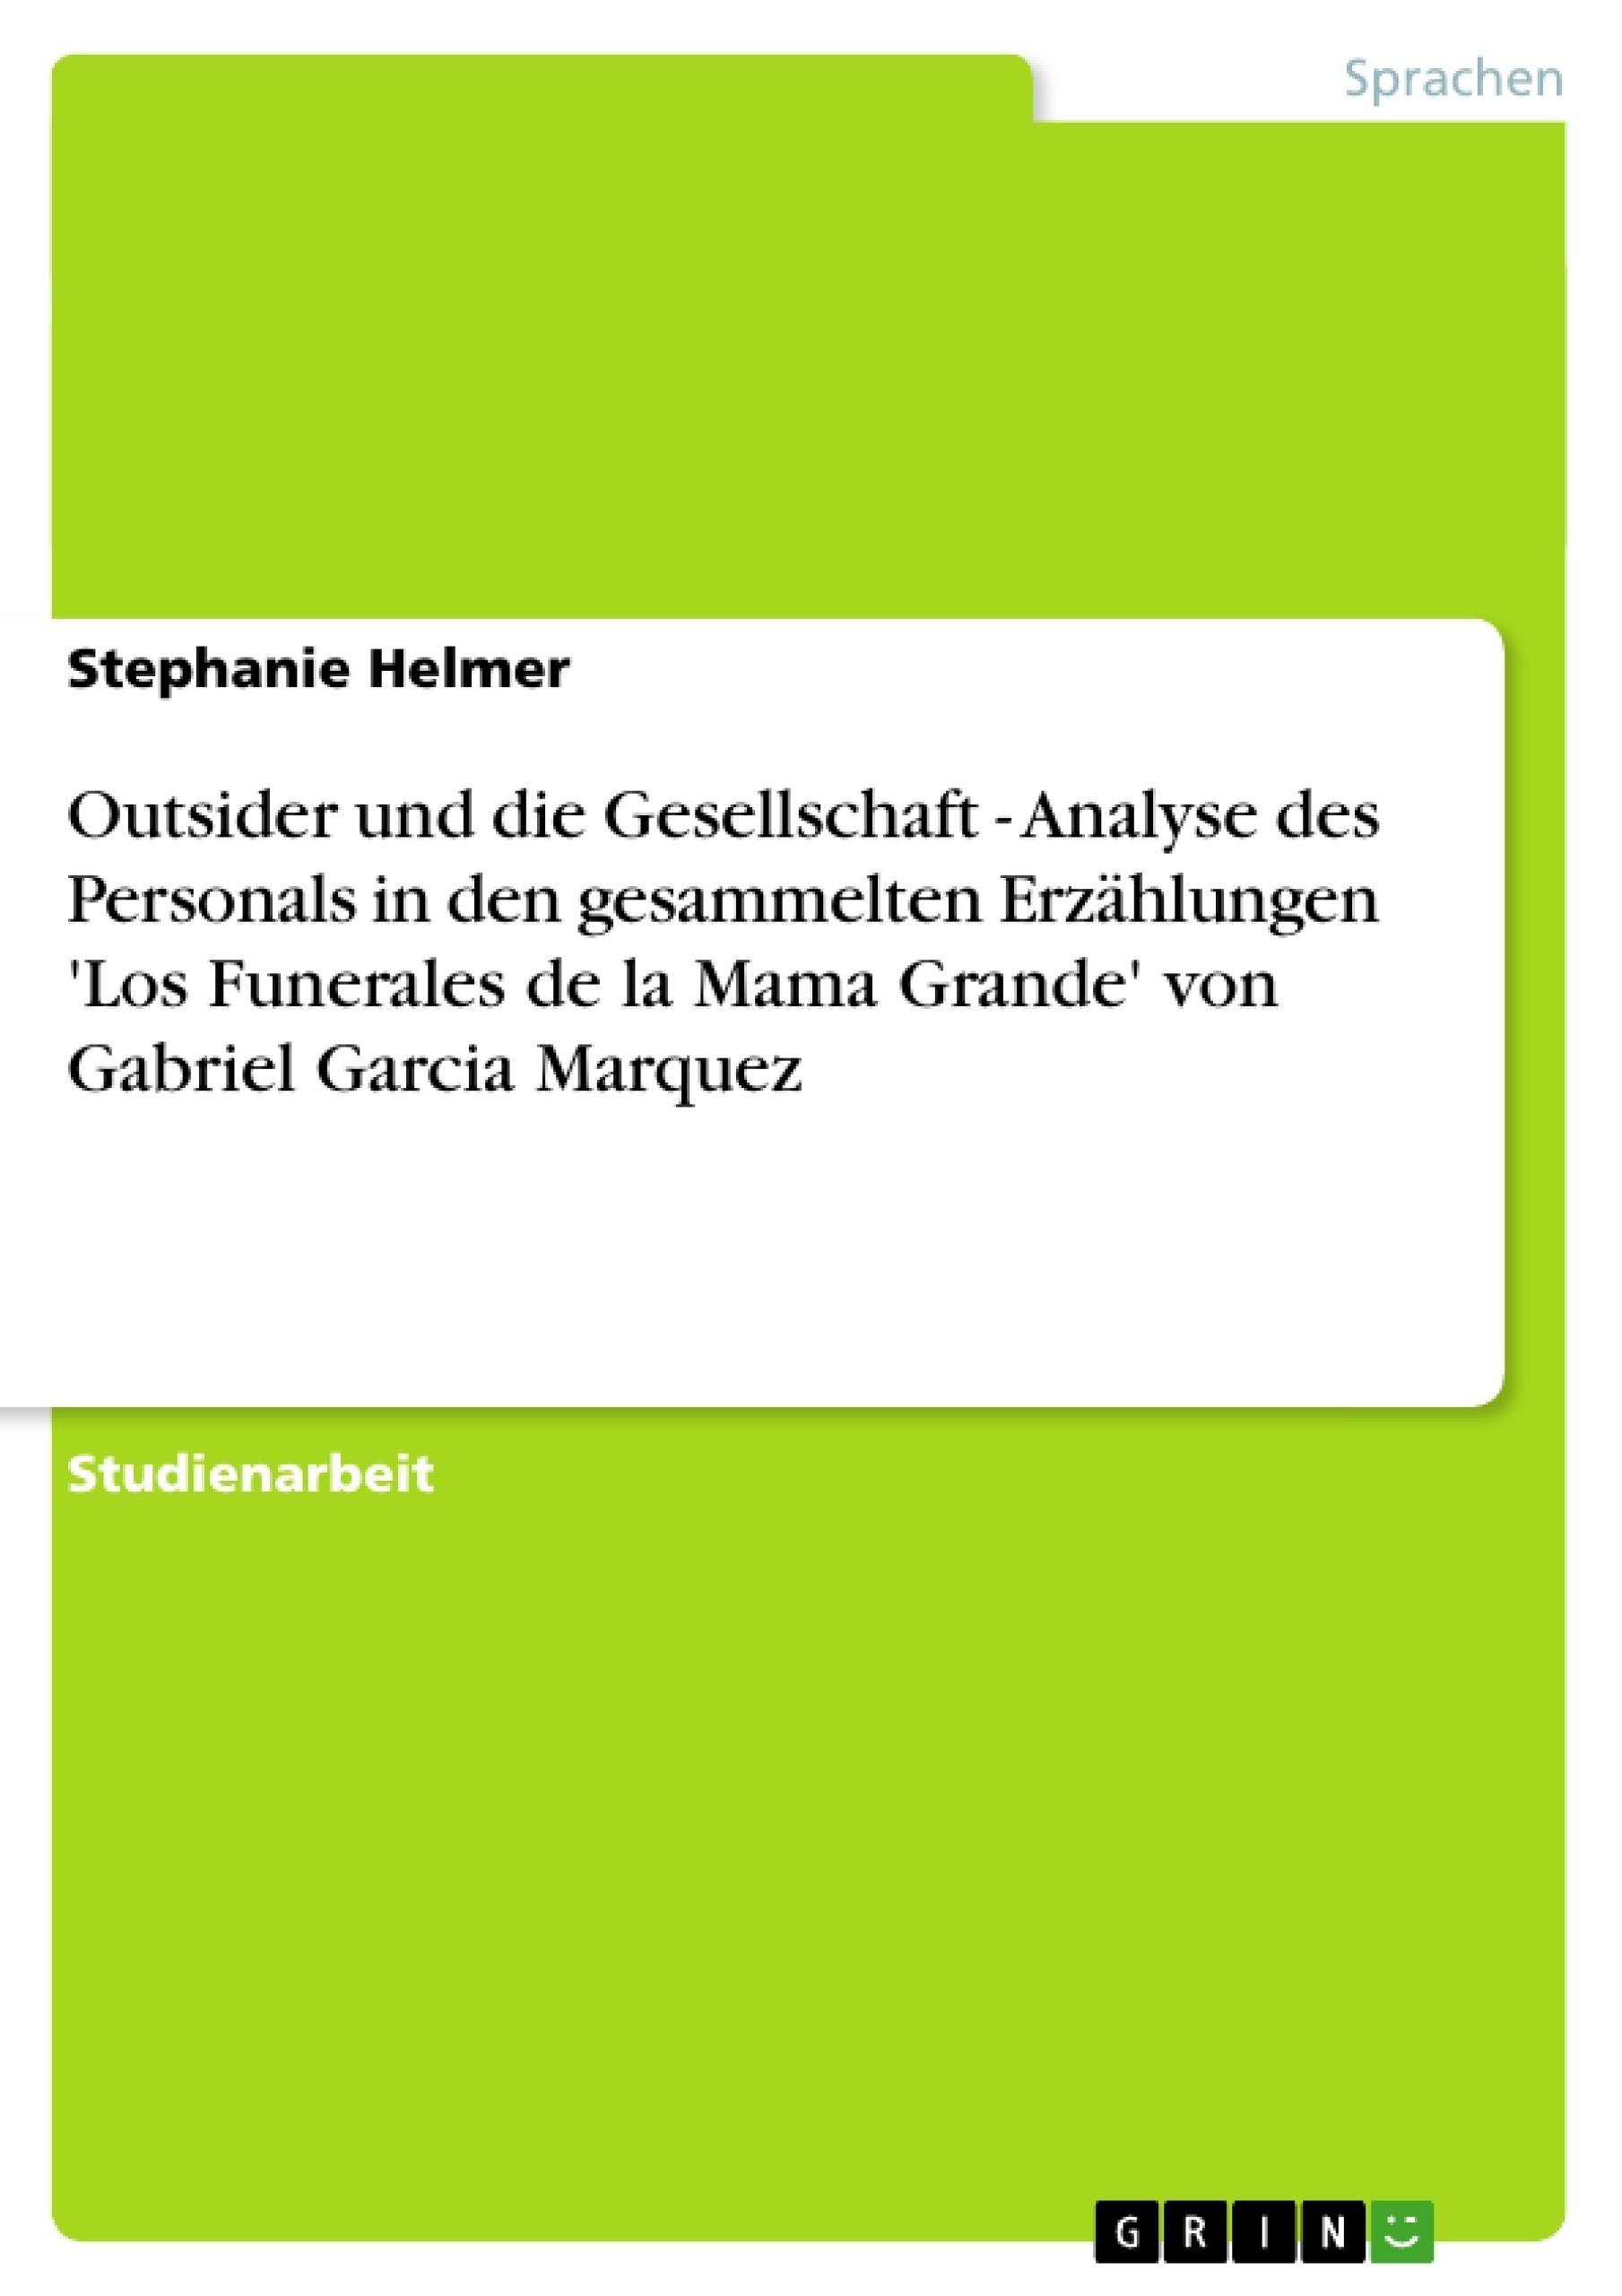 Titel: Outsider und die Gesellschaft - Analyse des Personals in den gesammelten Erzählungen 'Los Funerales de la Mama Grande' von Gabriel Garcia Marquez